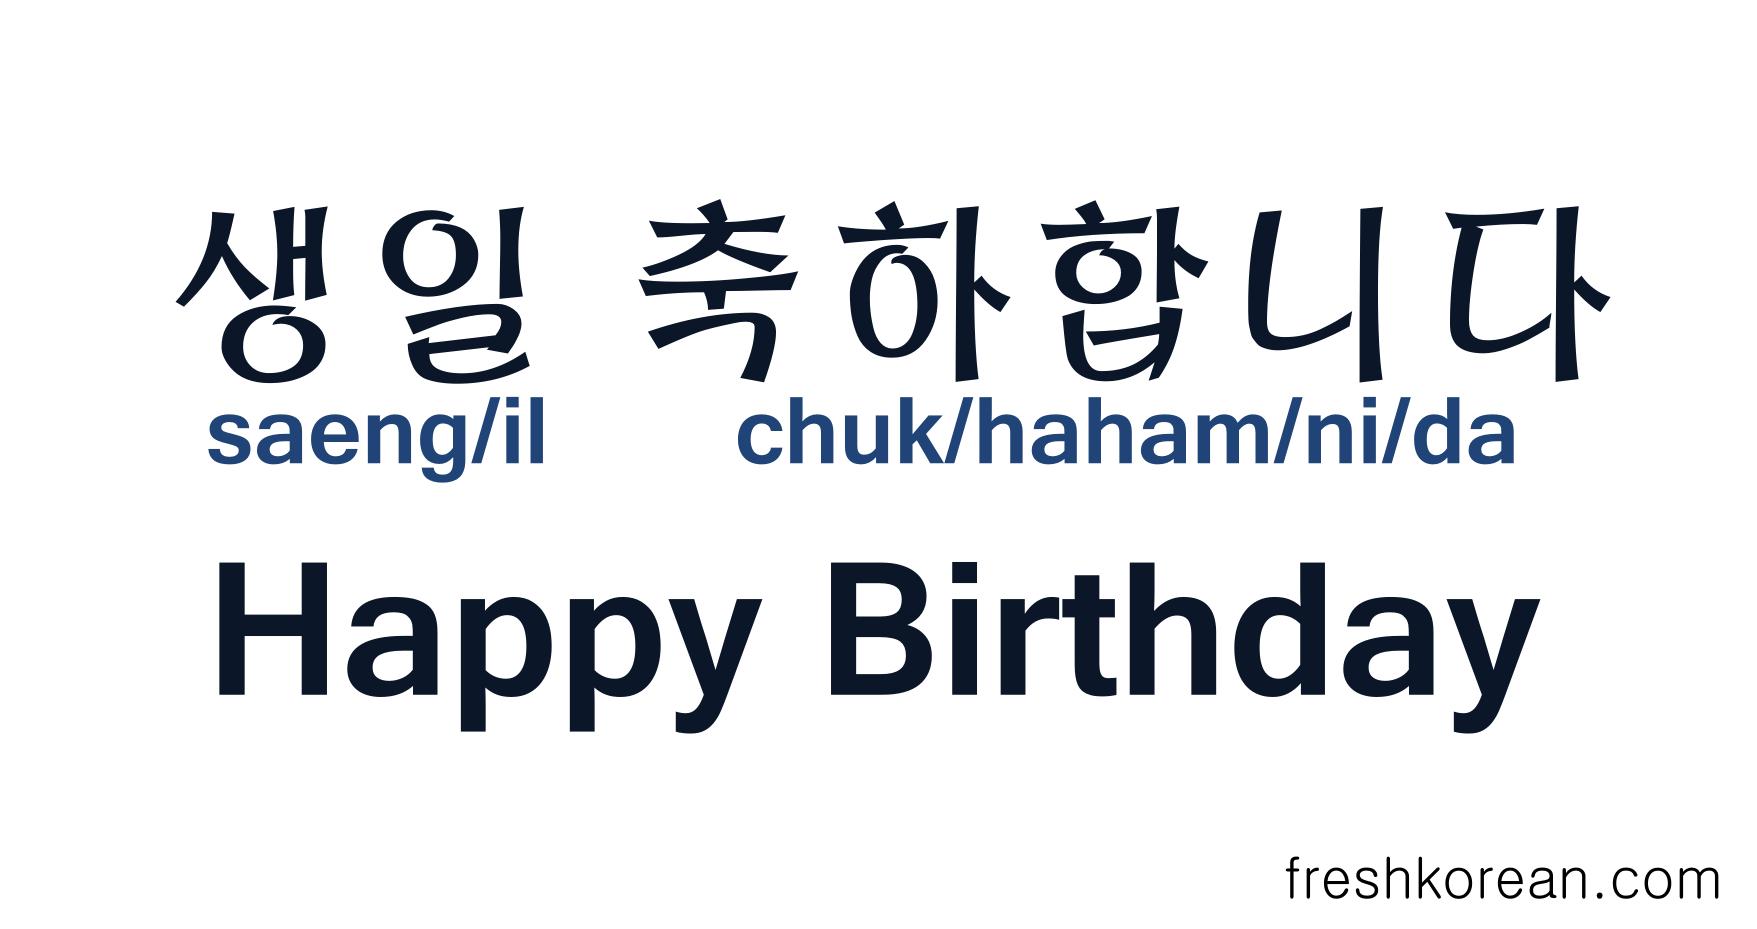 С днем рождения открытка на корейском